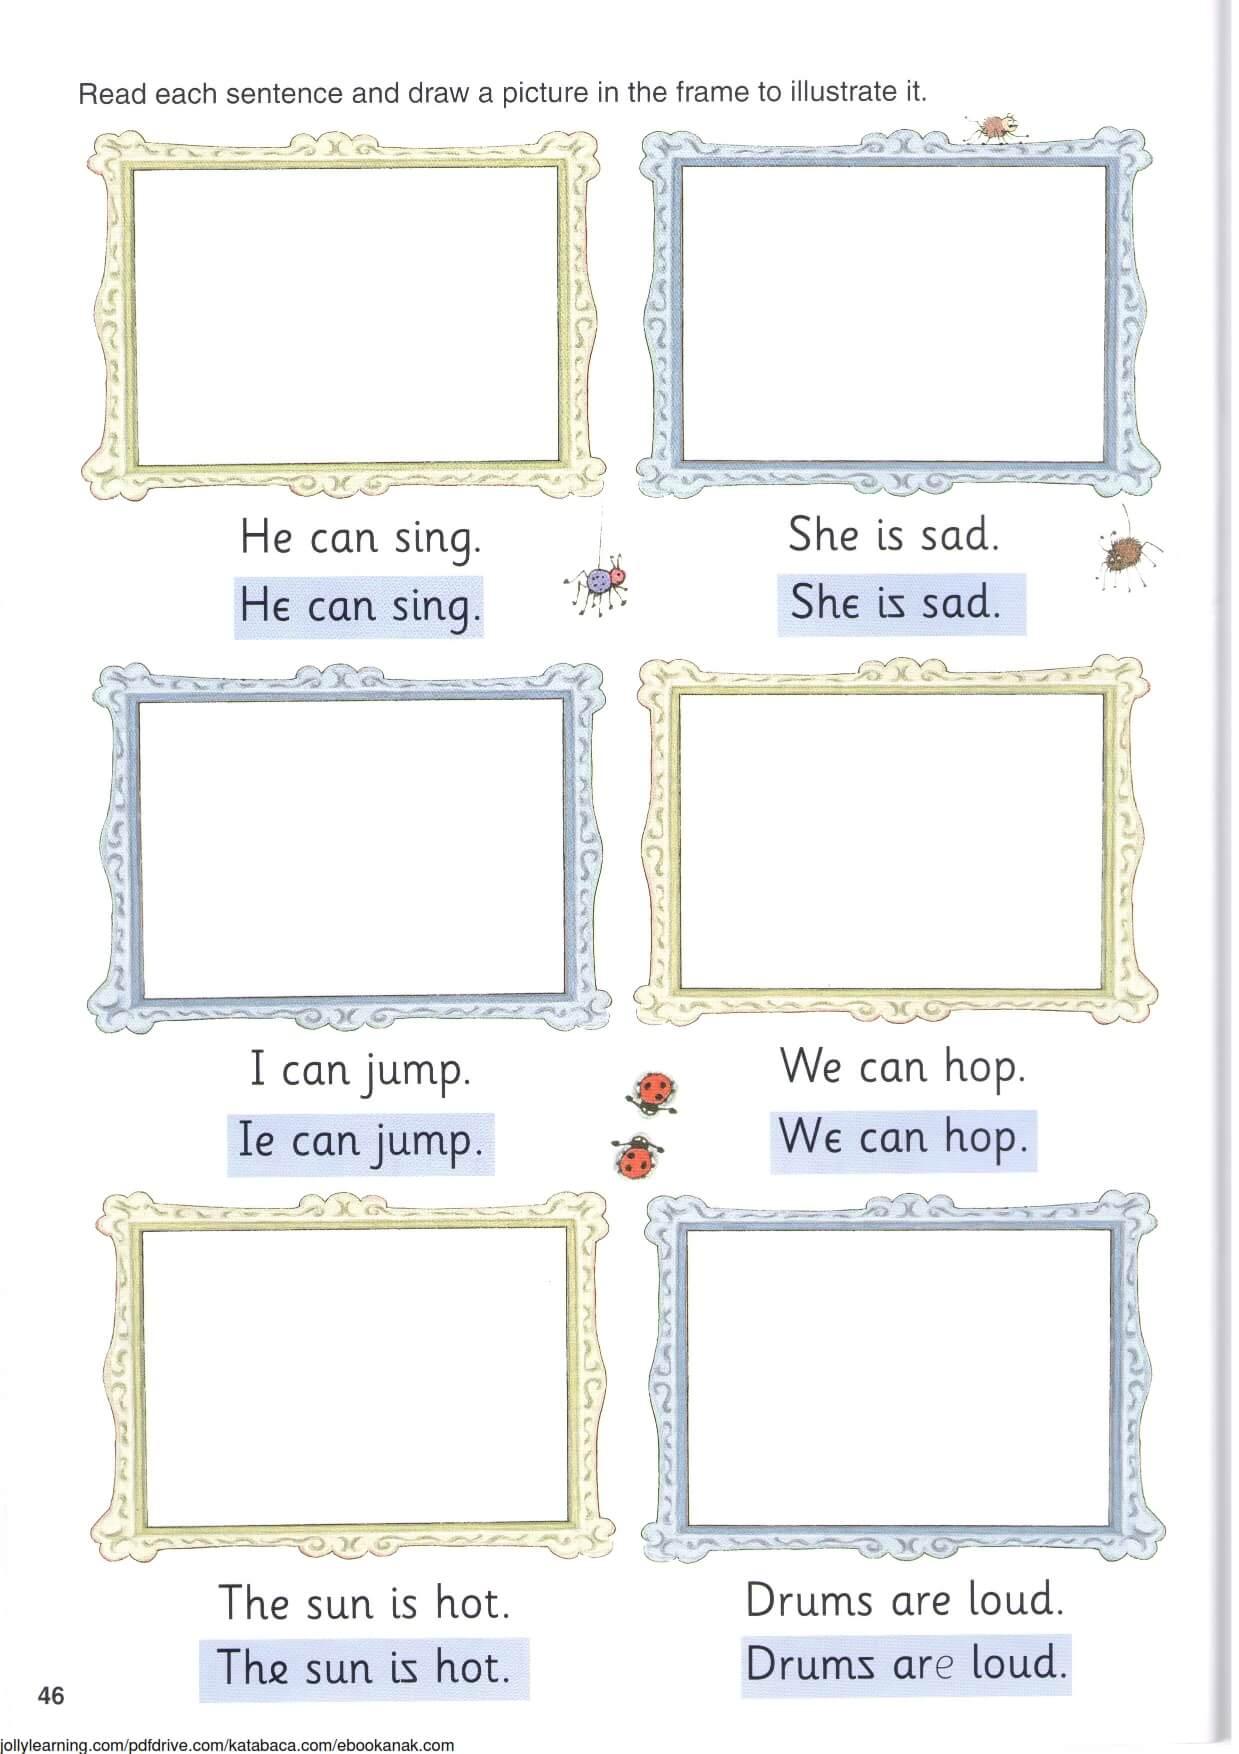 Belajar Menggambar Sesuai Kalimat